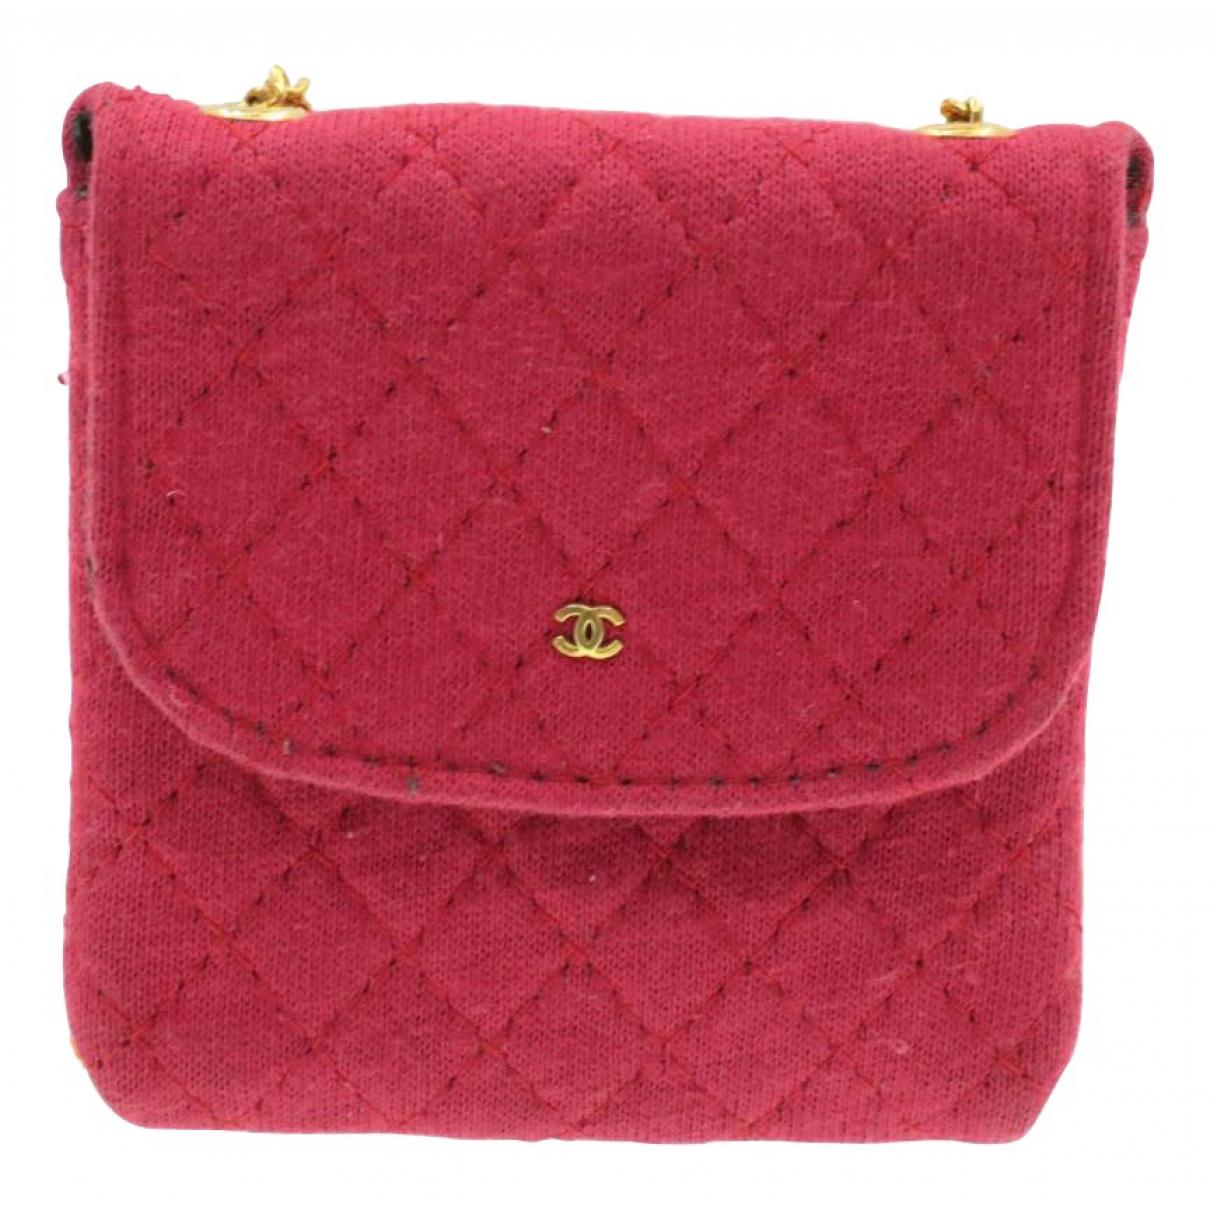 Chanel \N Clutch in  Rosa Leinen